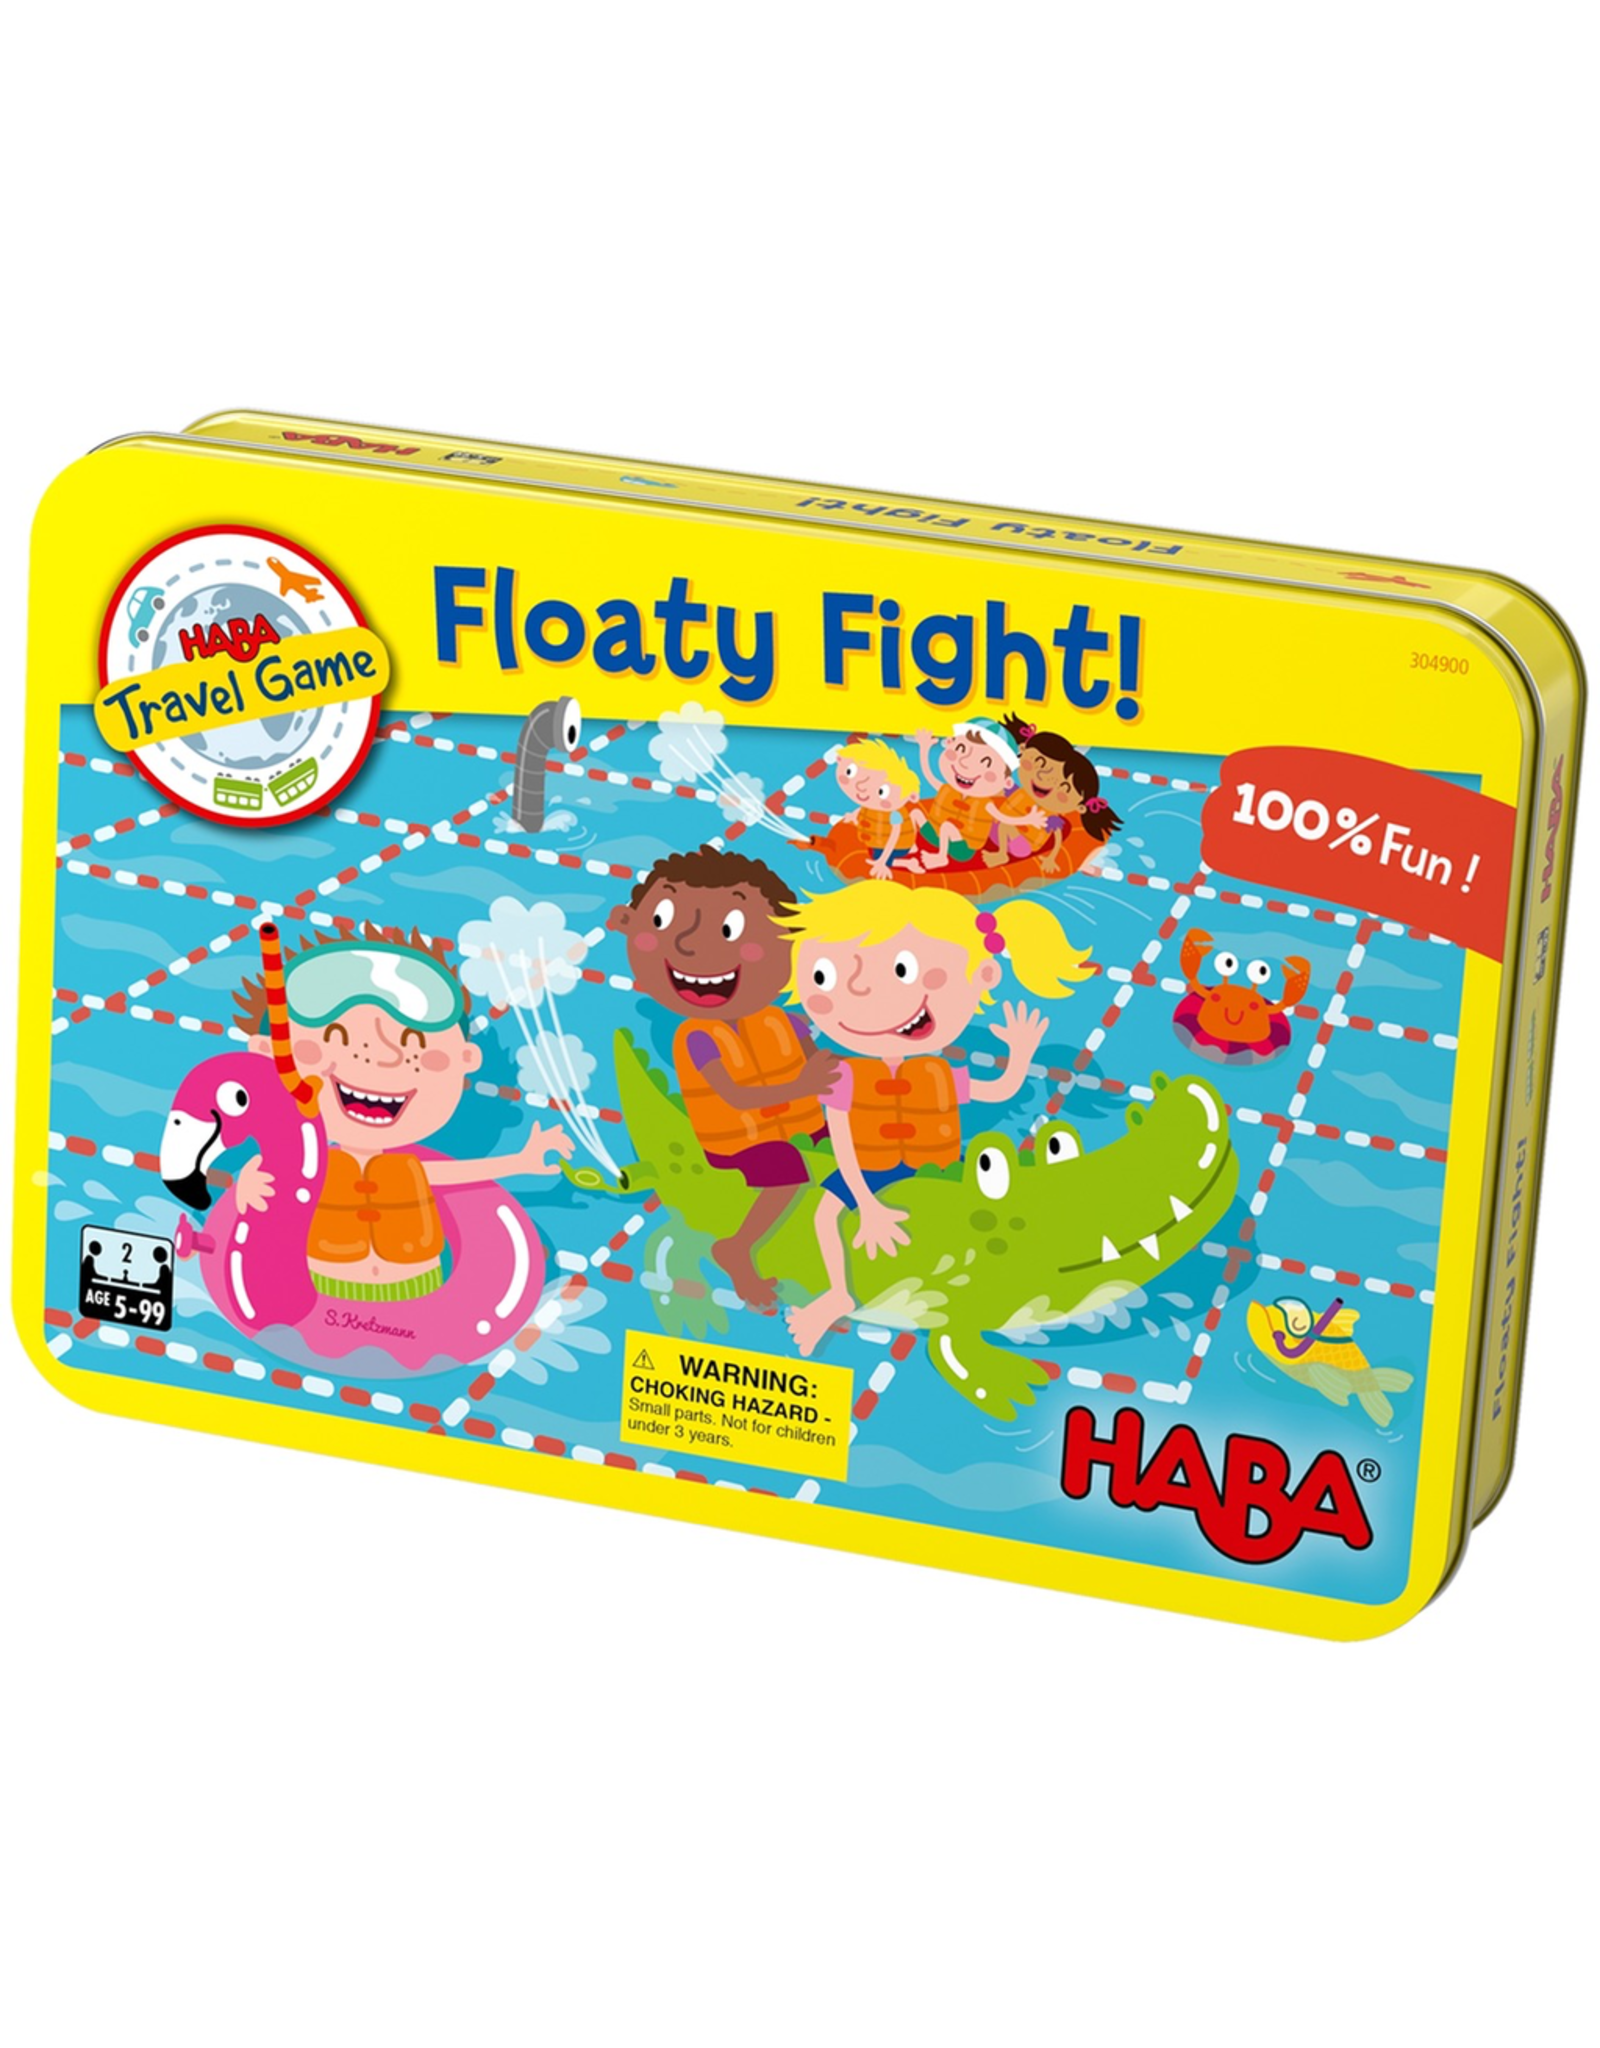 HABA FLOATY FIGHT